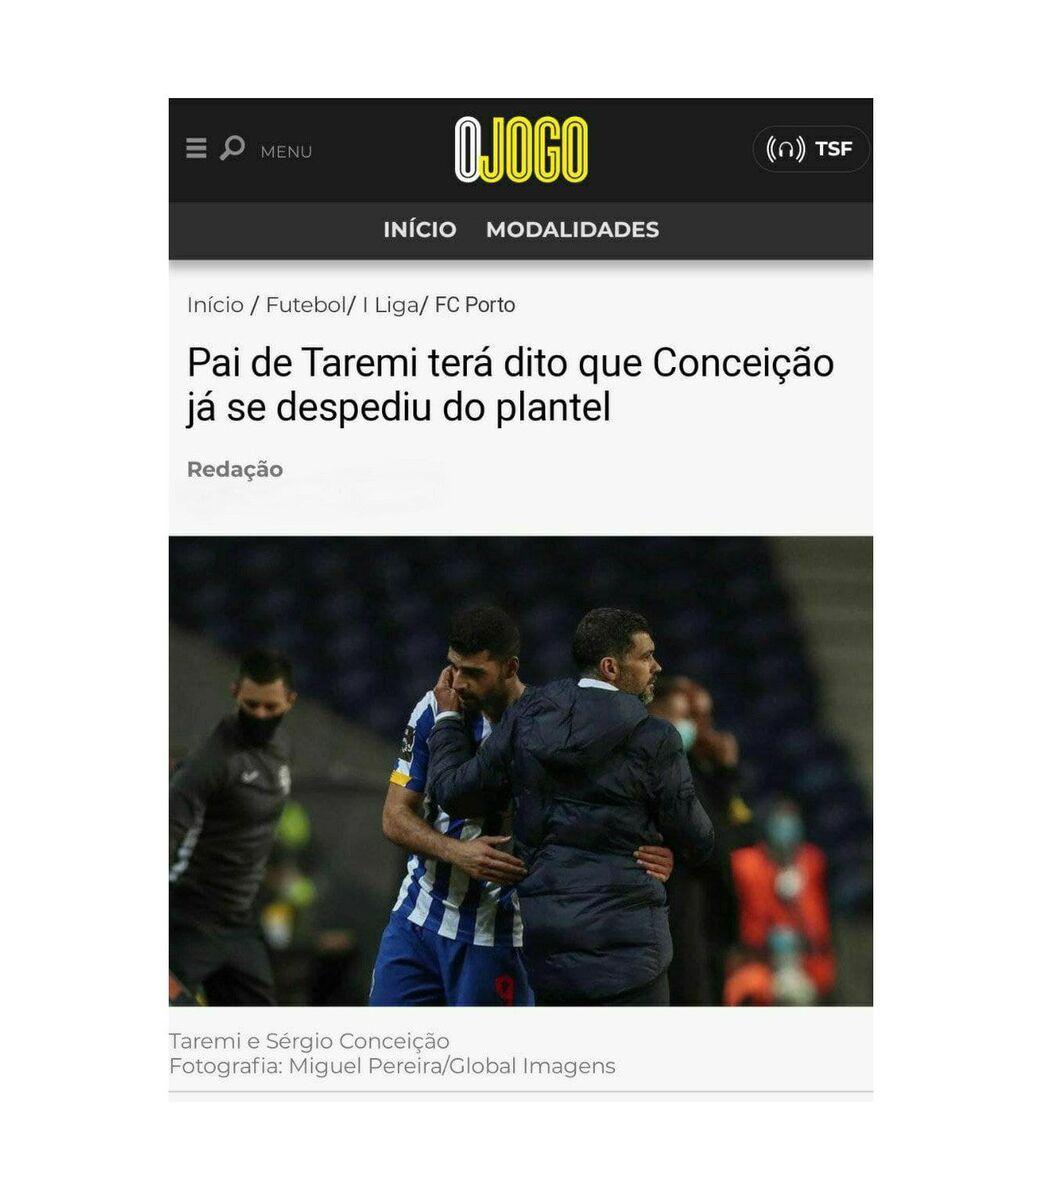 تصاویر| این اظهارات پدر طارمی در پرتغال جنجال ساز شد/ واکنش تند هواداران پورتو